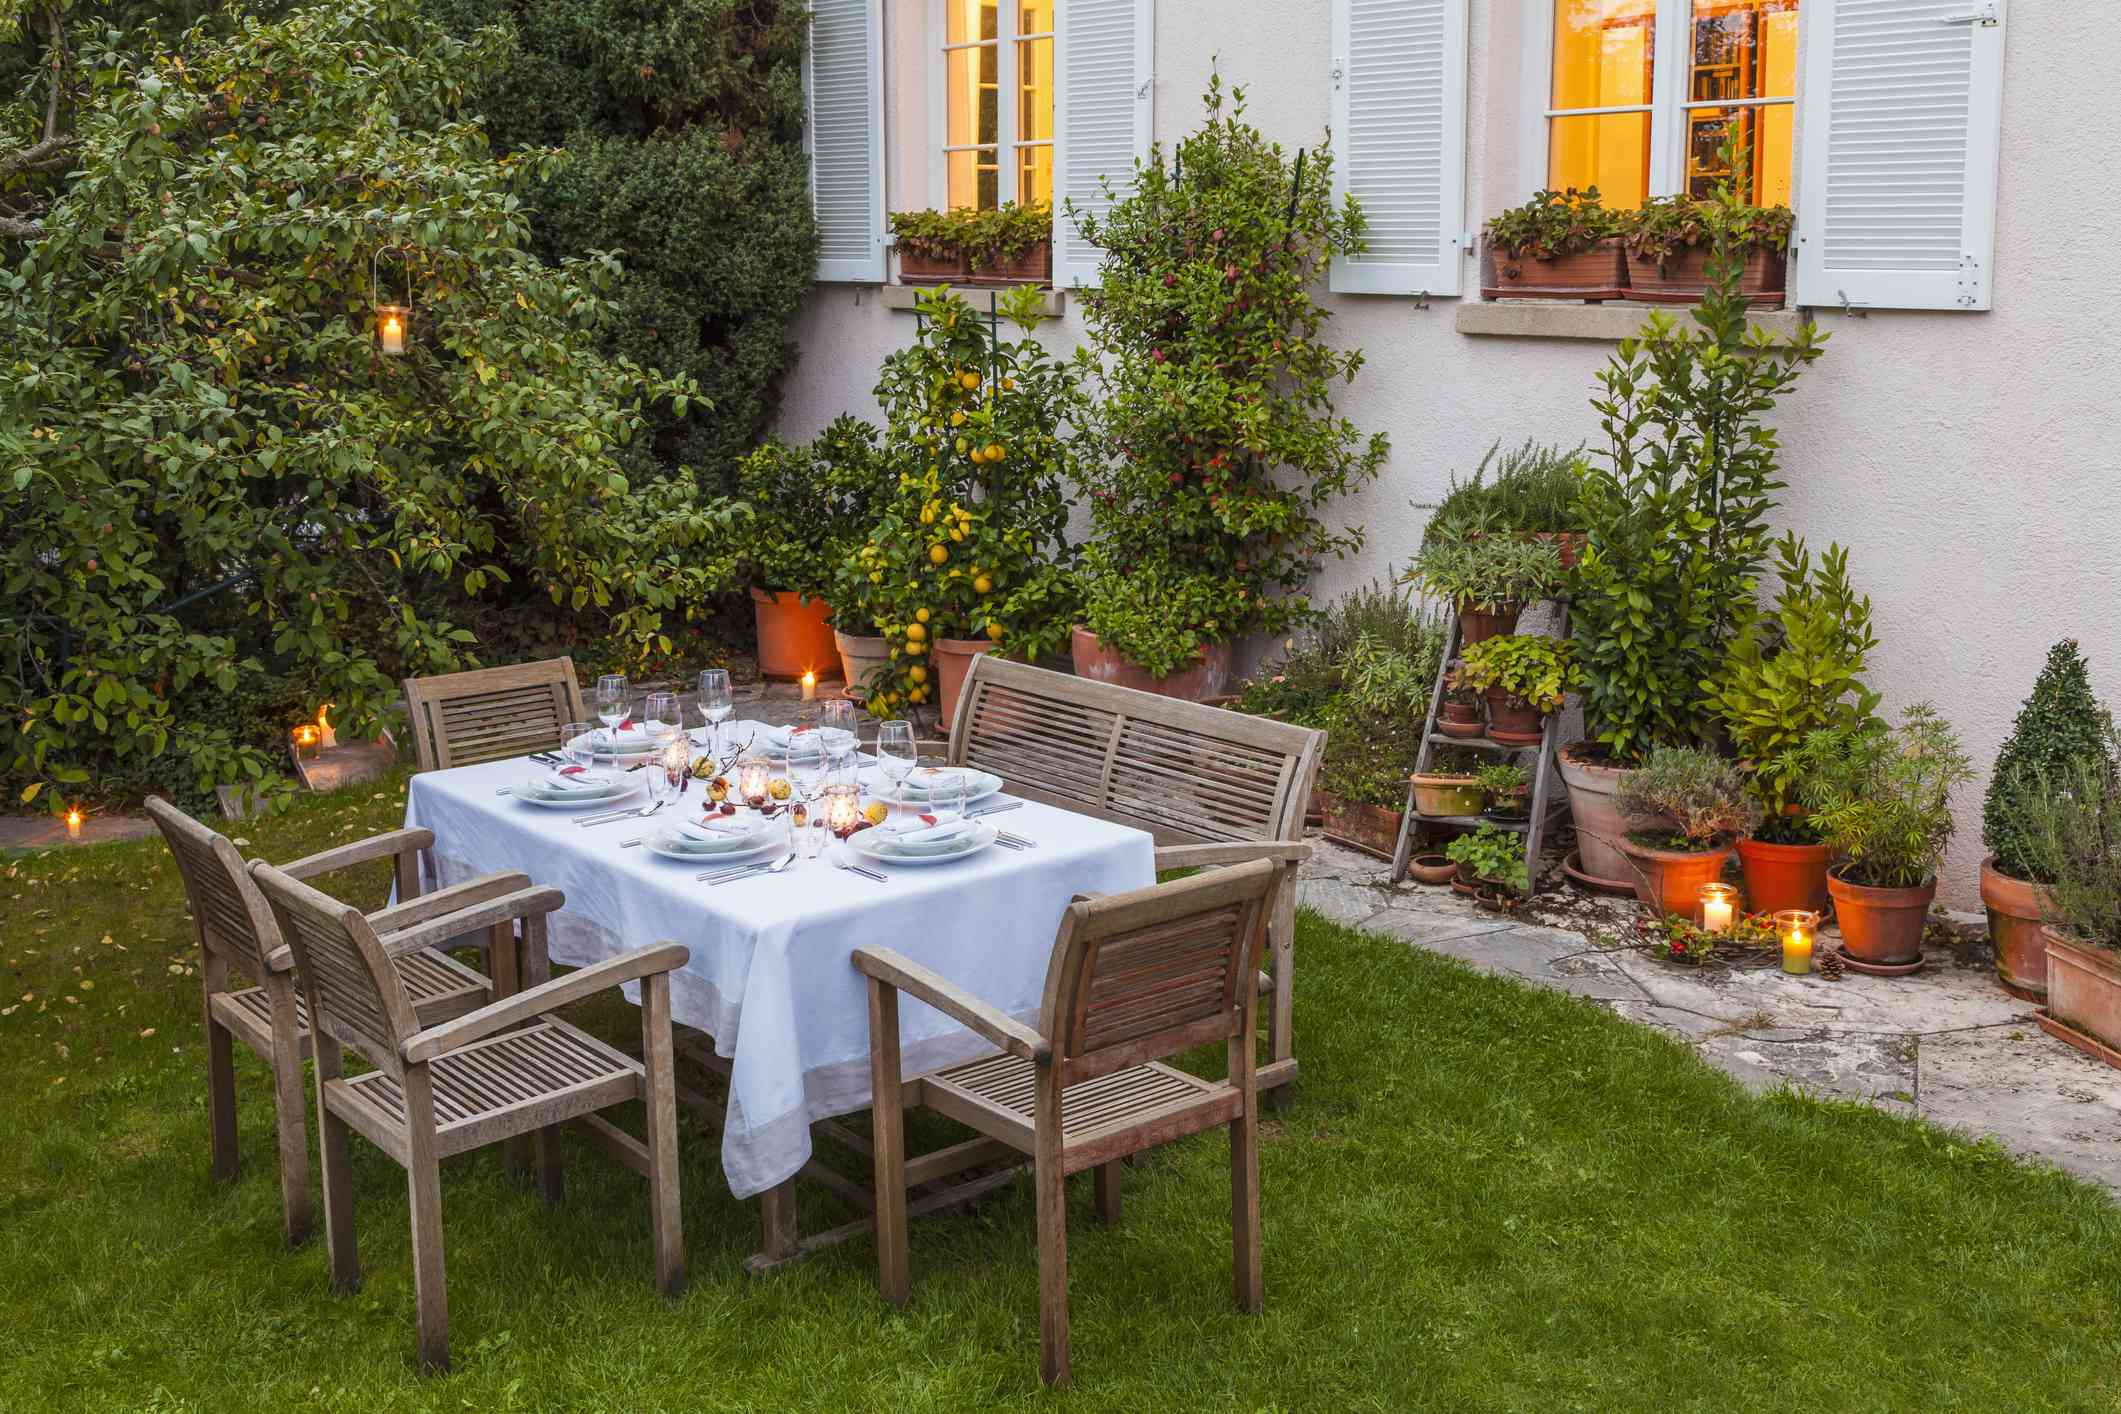 Mesa puesta otoñal en el jardín por la noche